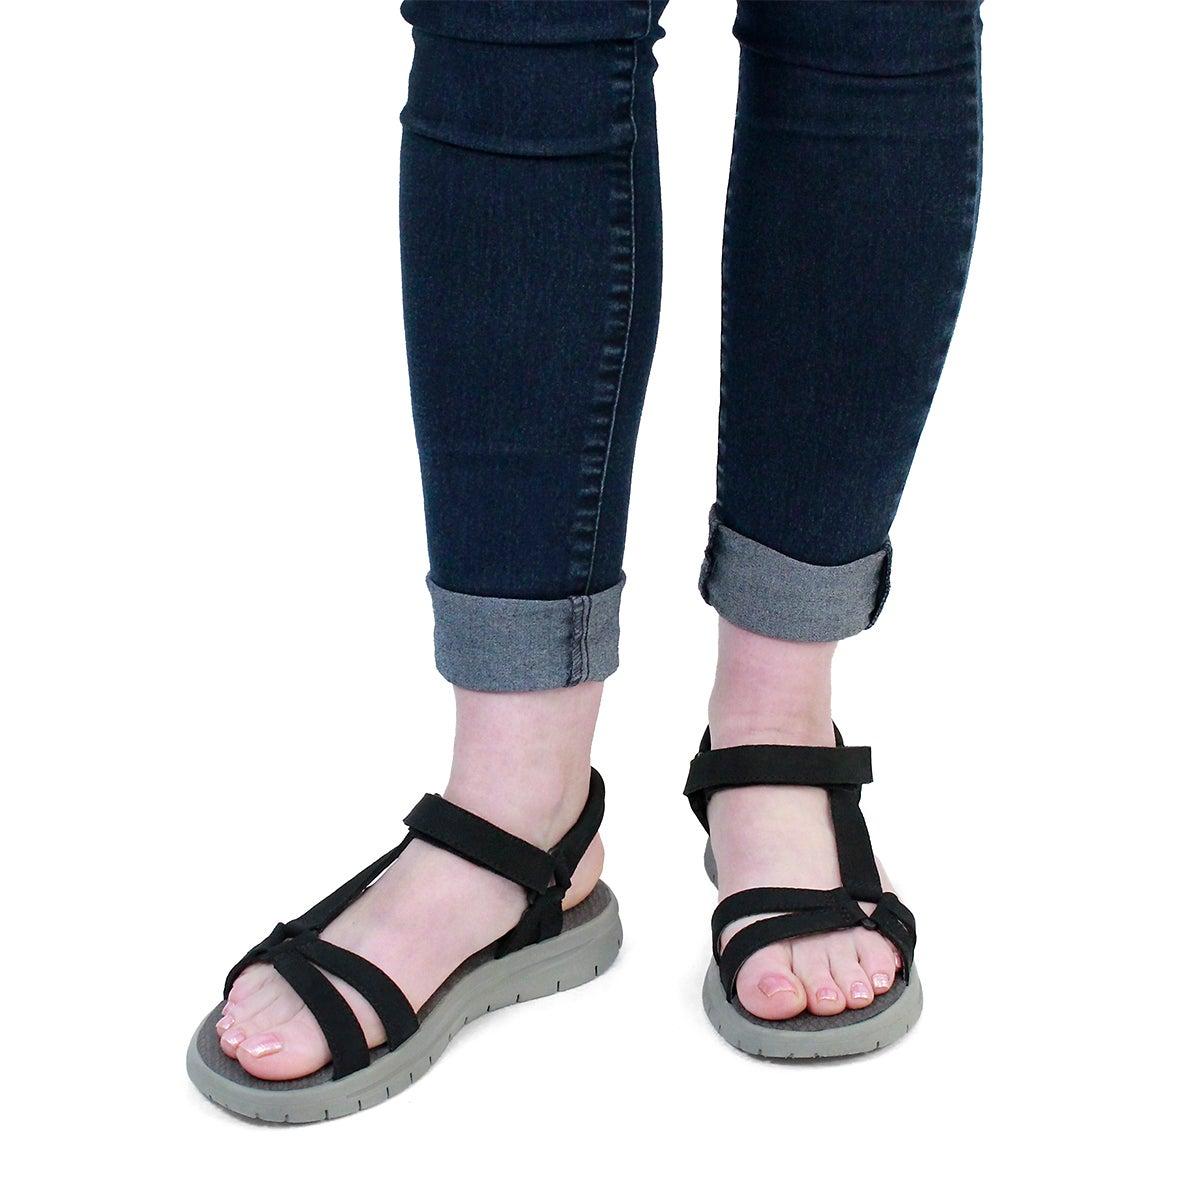 Lds Chrissy black sport sandal